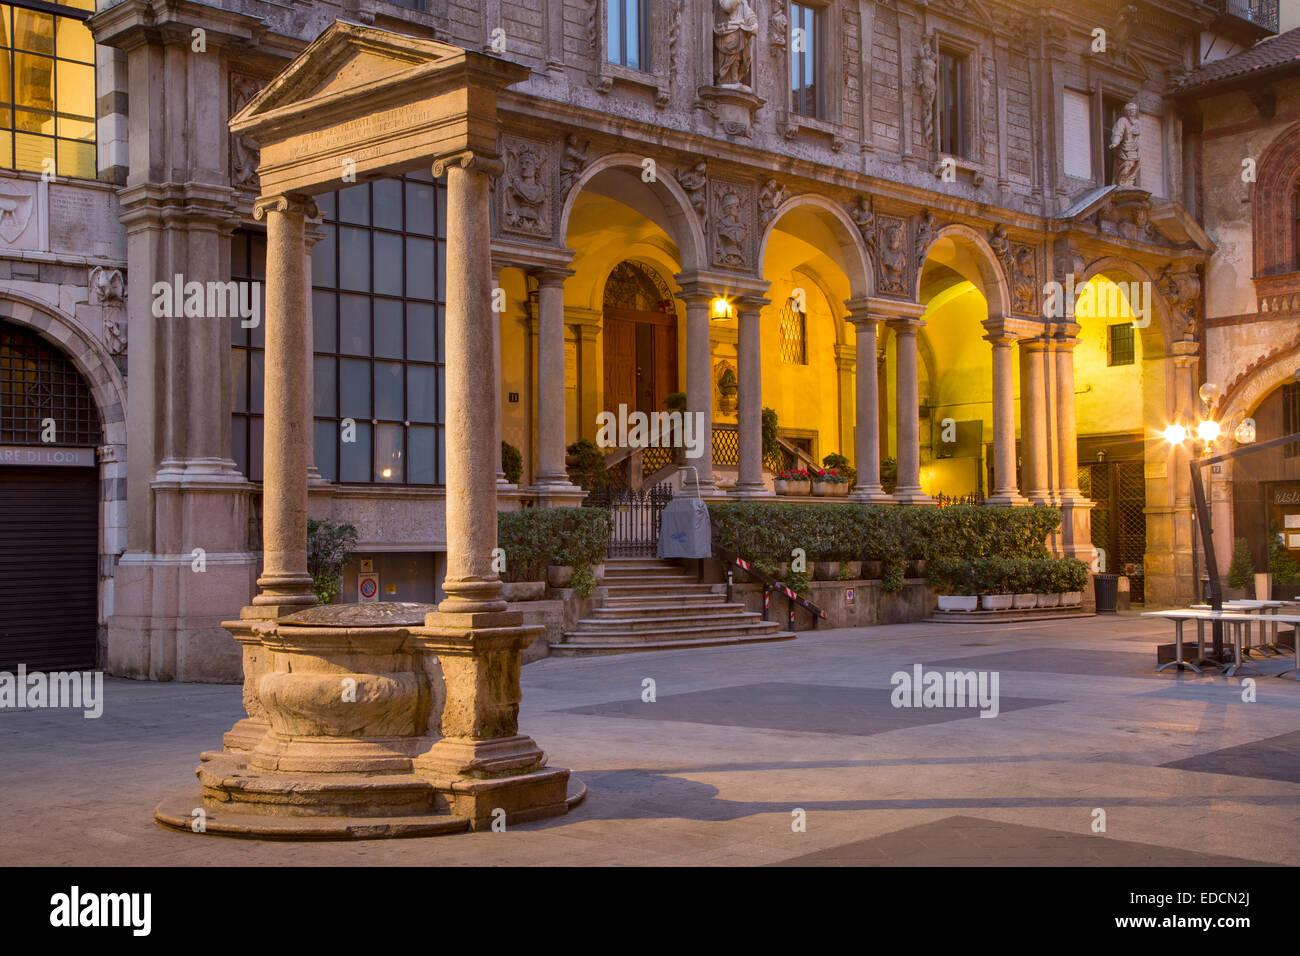 Piazza del Mercato Vecchio, Piazza dei mercanti e il palazzo della Ragione, milano, lombardia, italia Immagini Stock